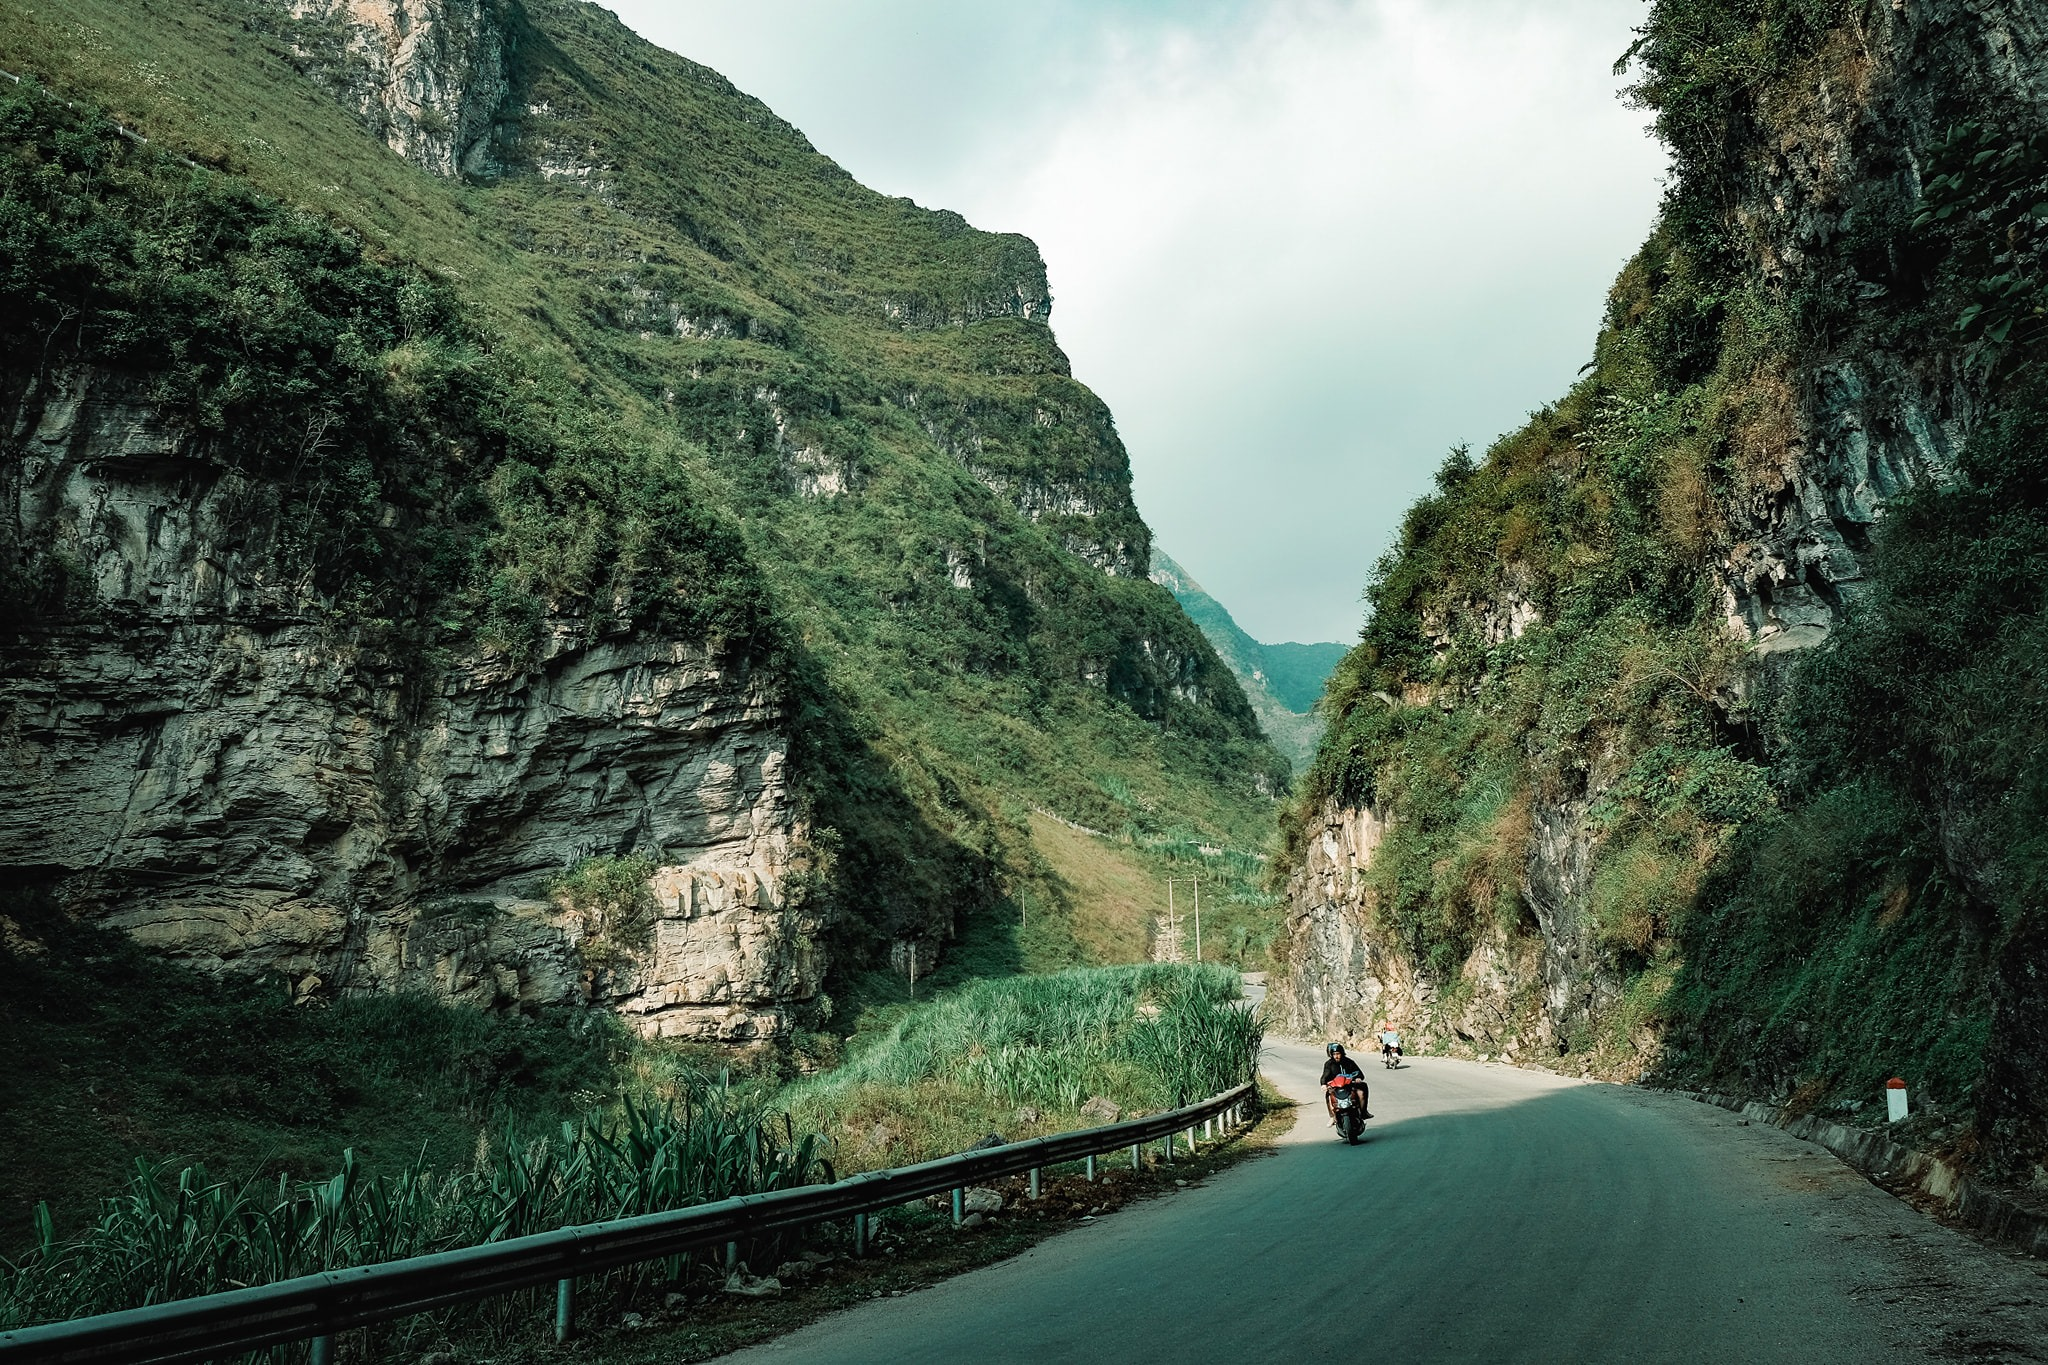 Khám phá Mã Pí Lèng, một trong 'tứ đại đỉnh đèo' của Việt Nam  - Ảnh 9.